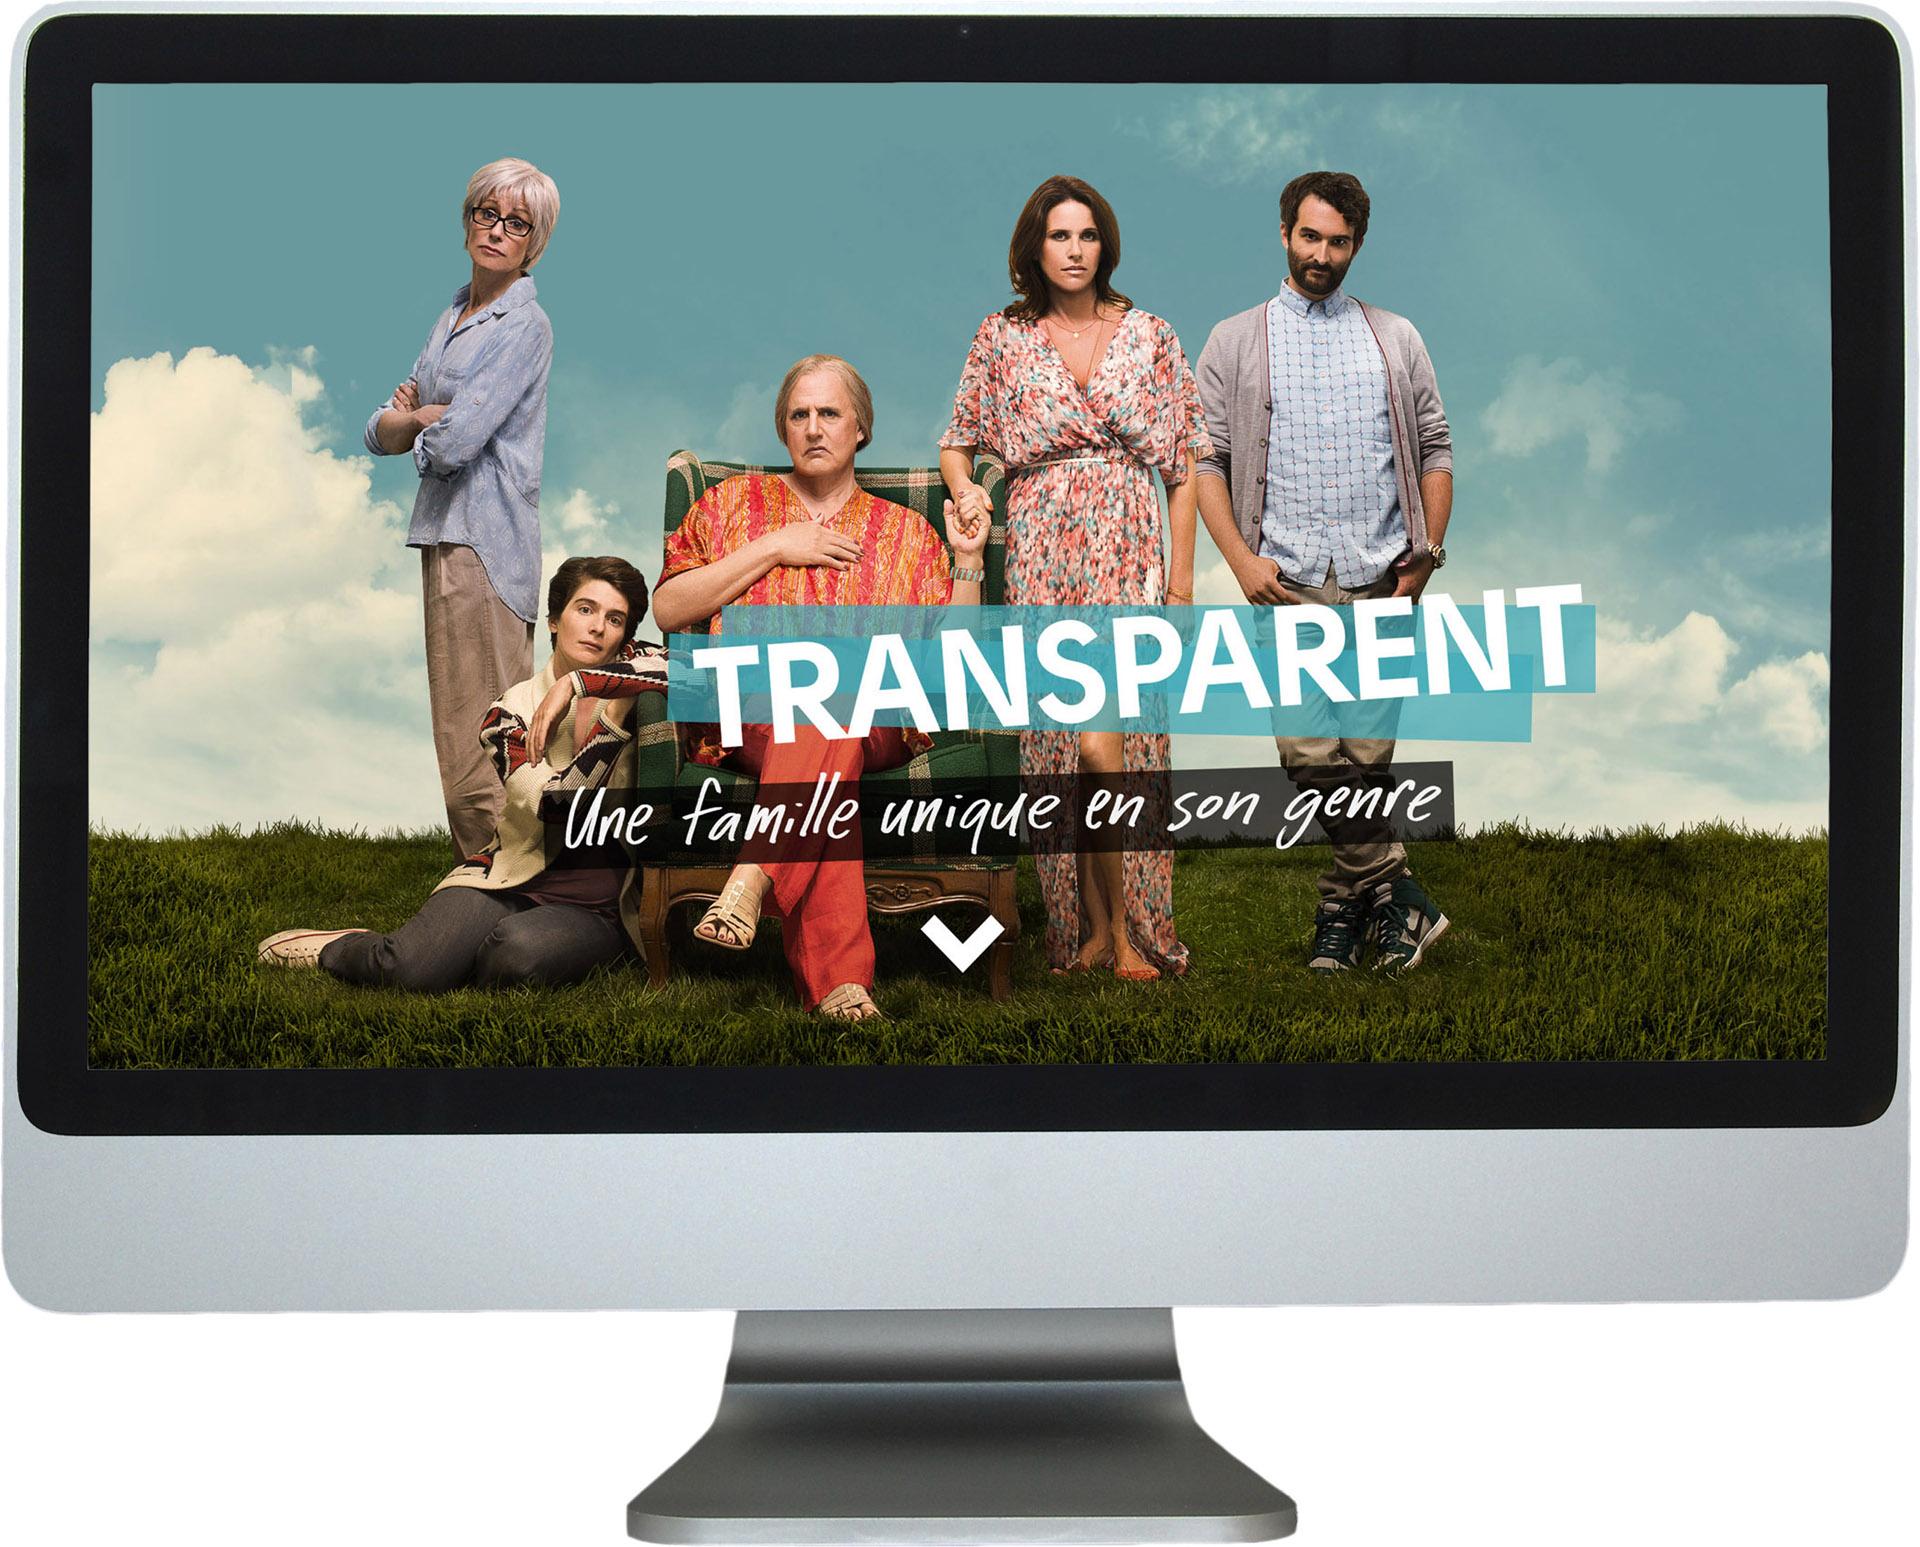 Transparent00